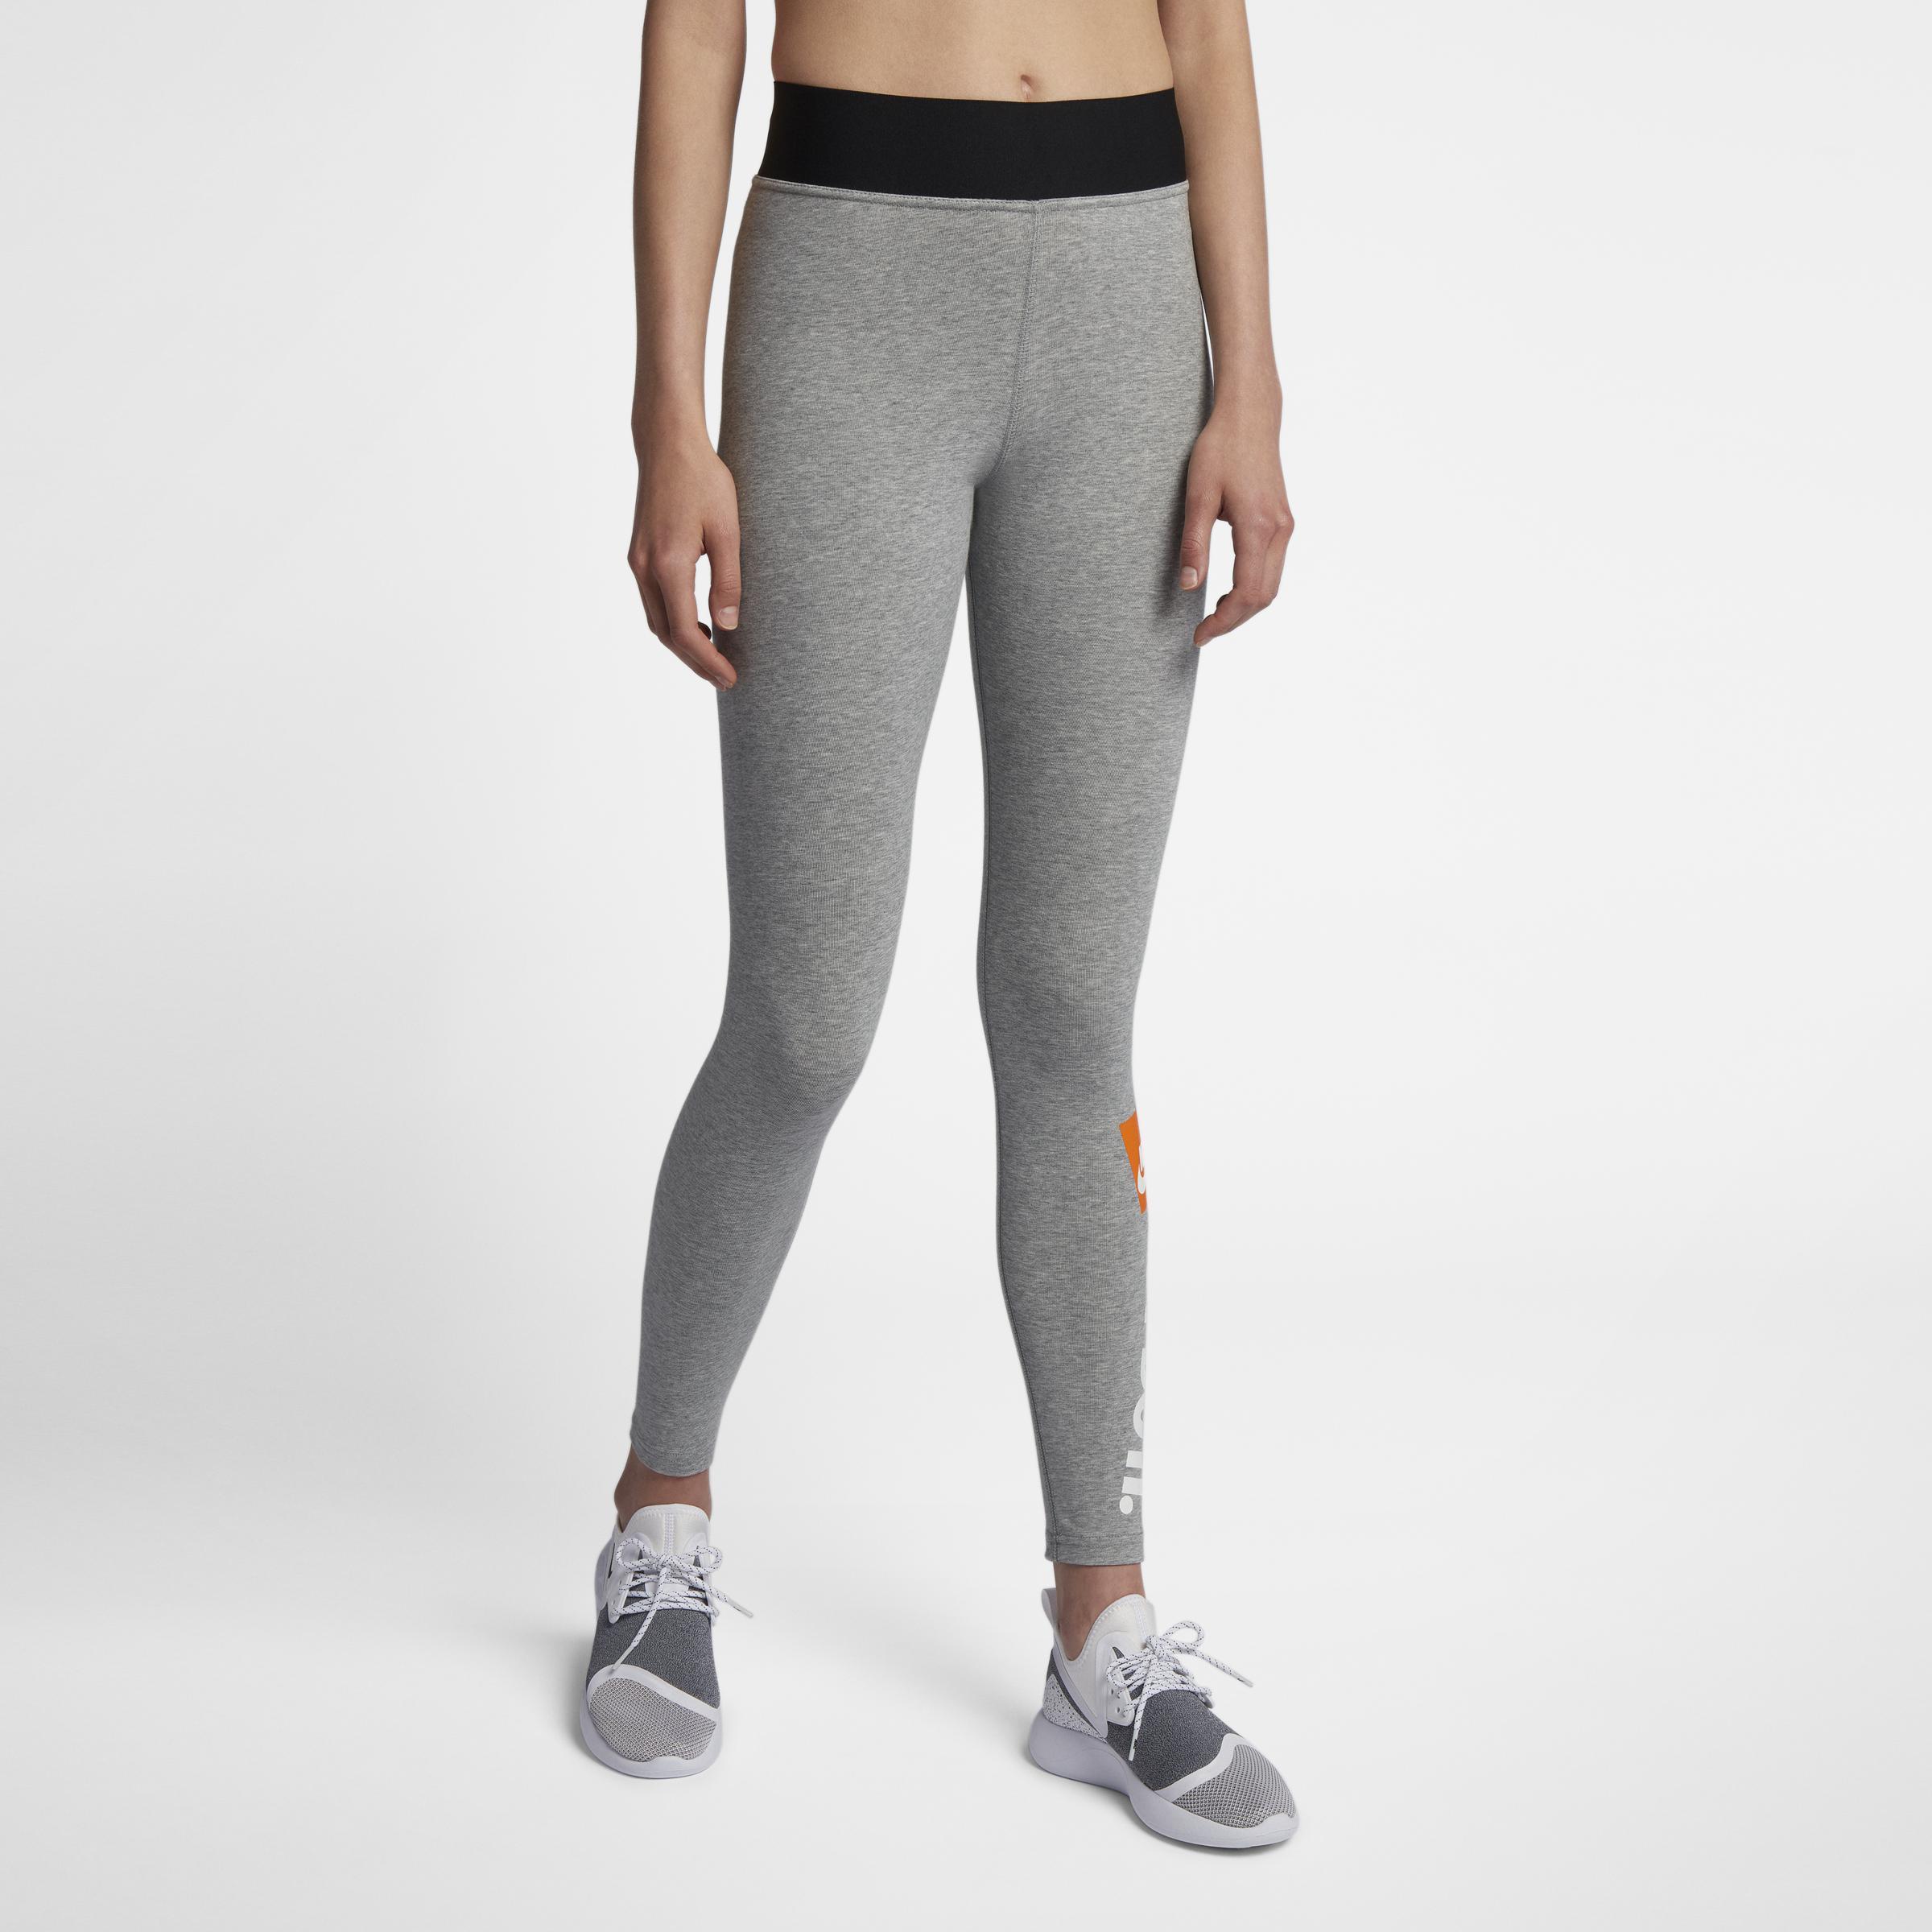 Nike Sportswear Damen-JDI-Leggings in Grau aZndn